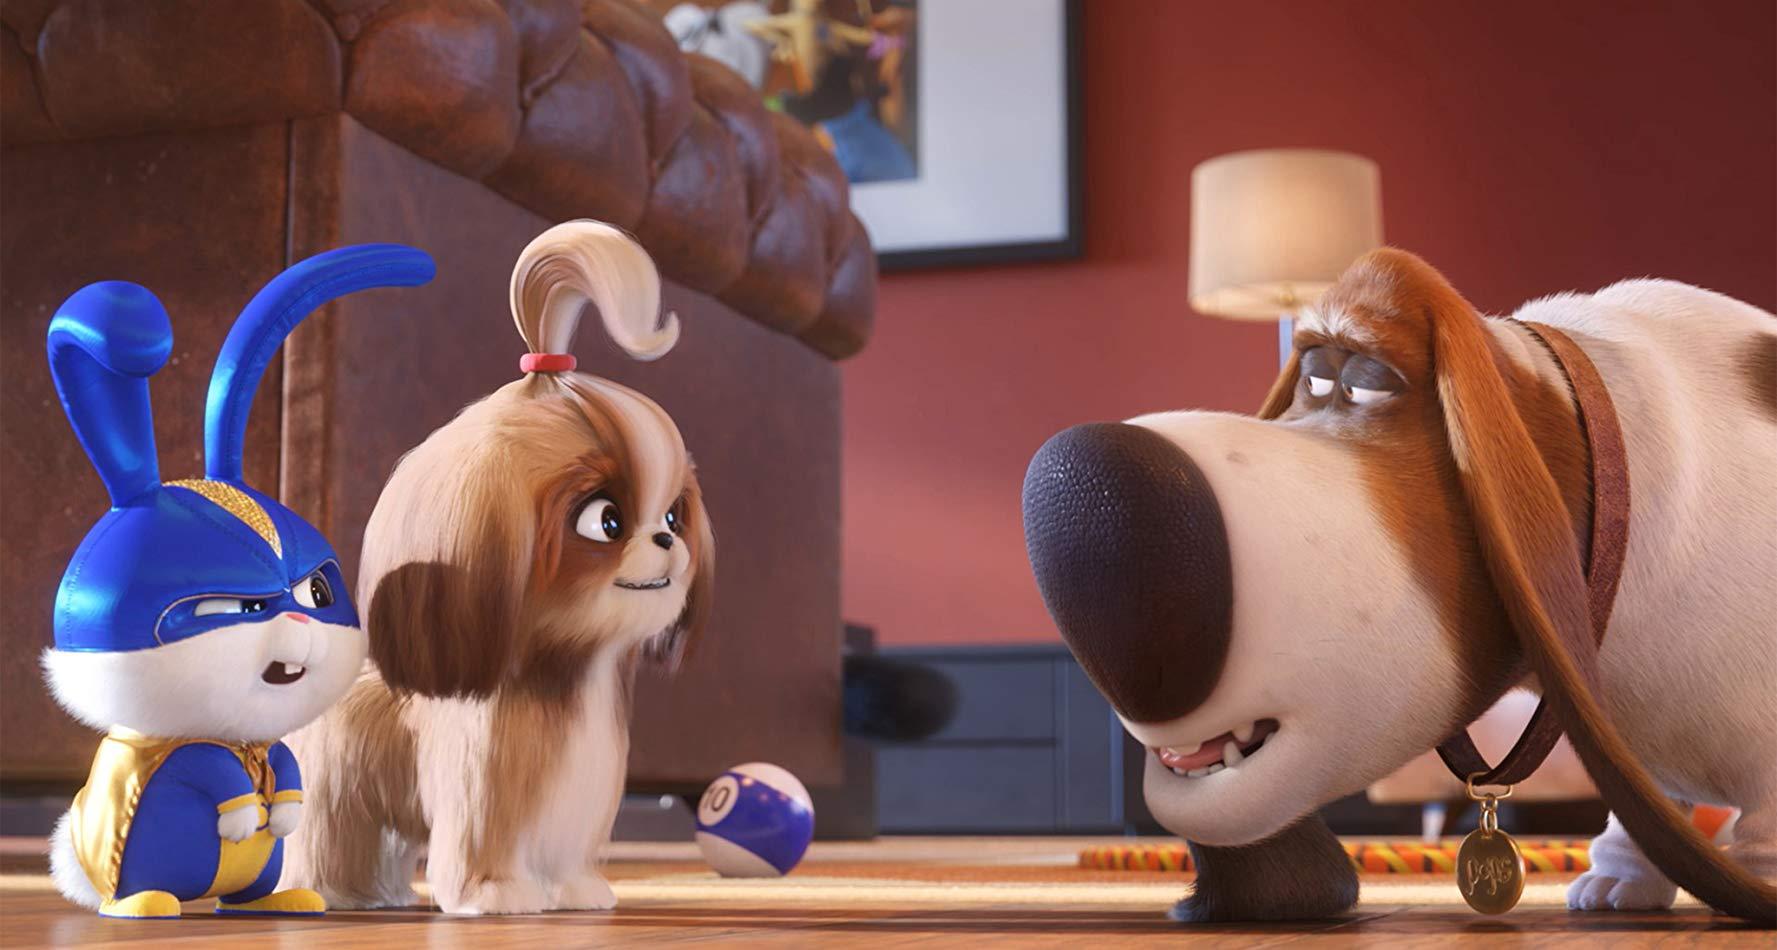 husdjurens hemliga liv full movie online free